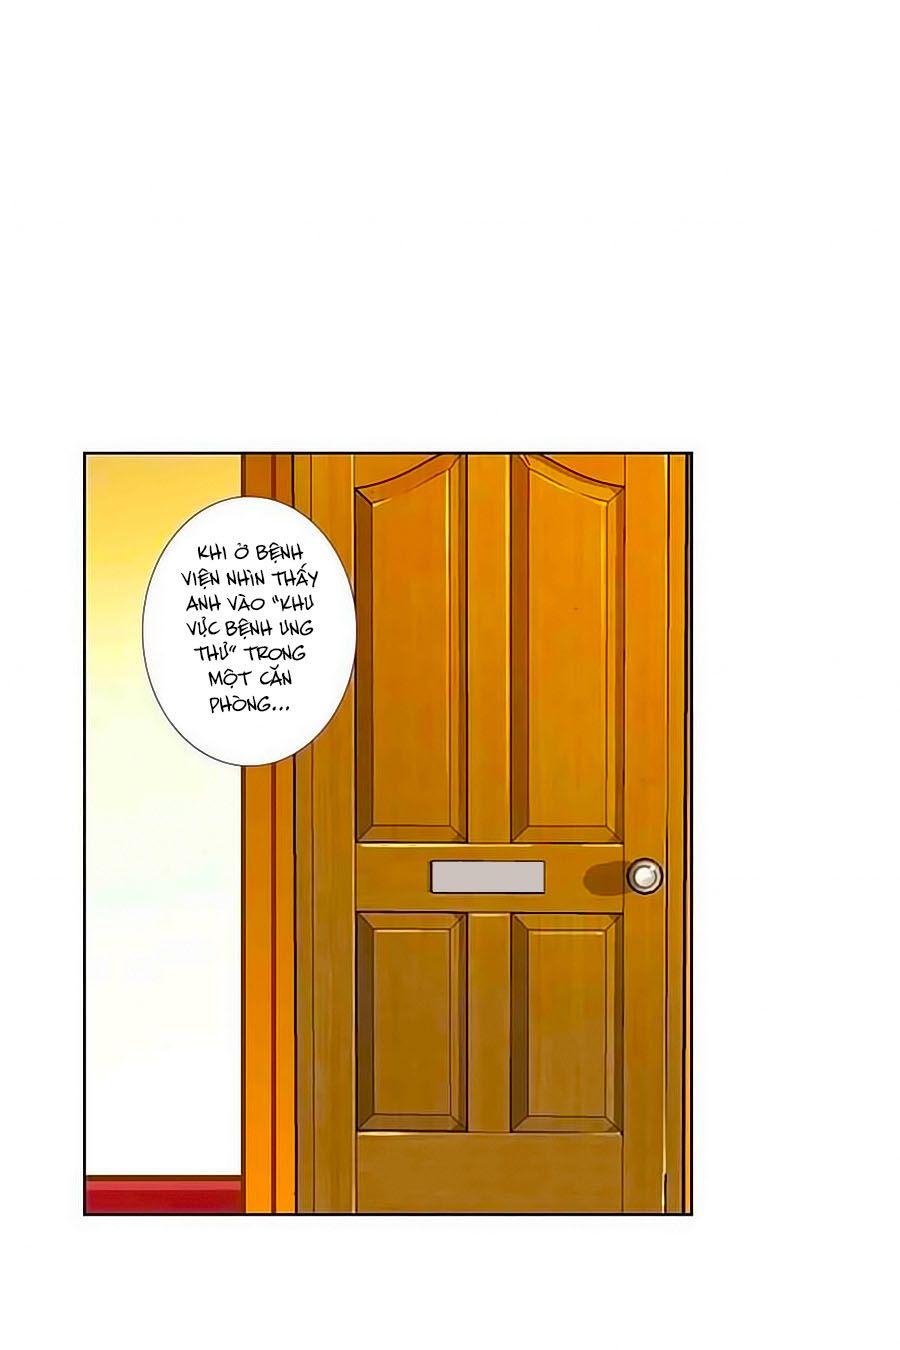 101 Sủng Vật Tình Nhân - Chap 62